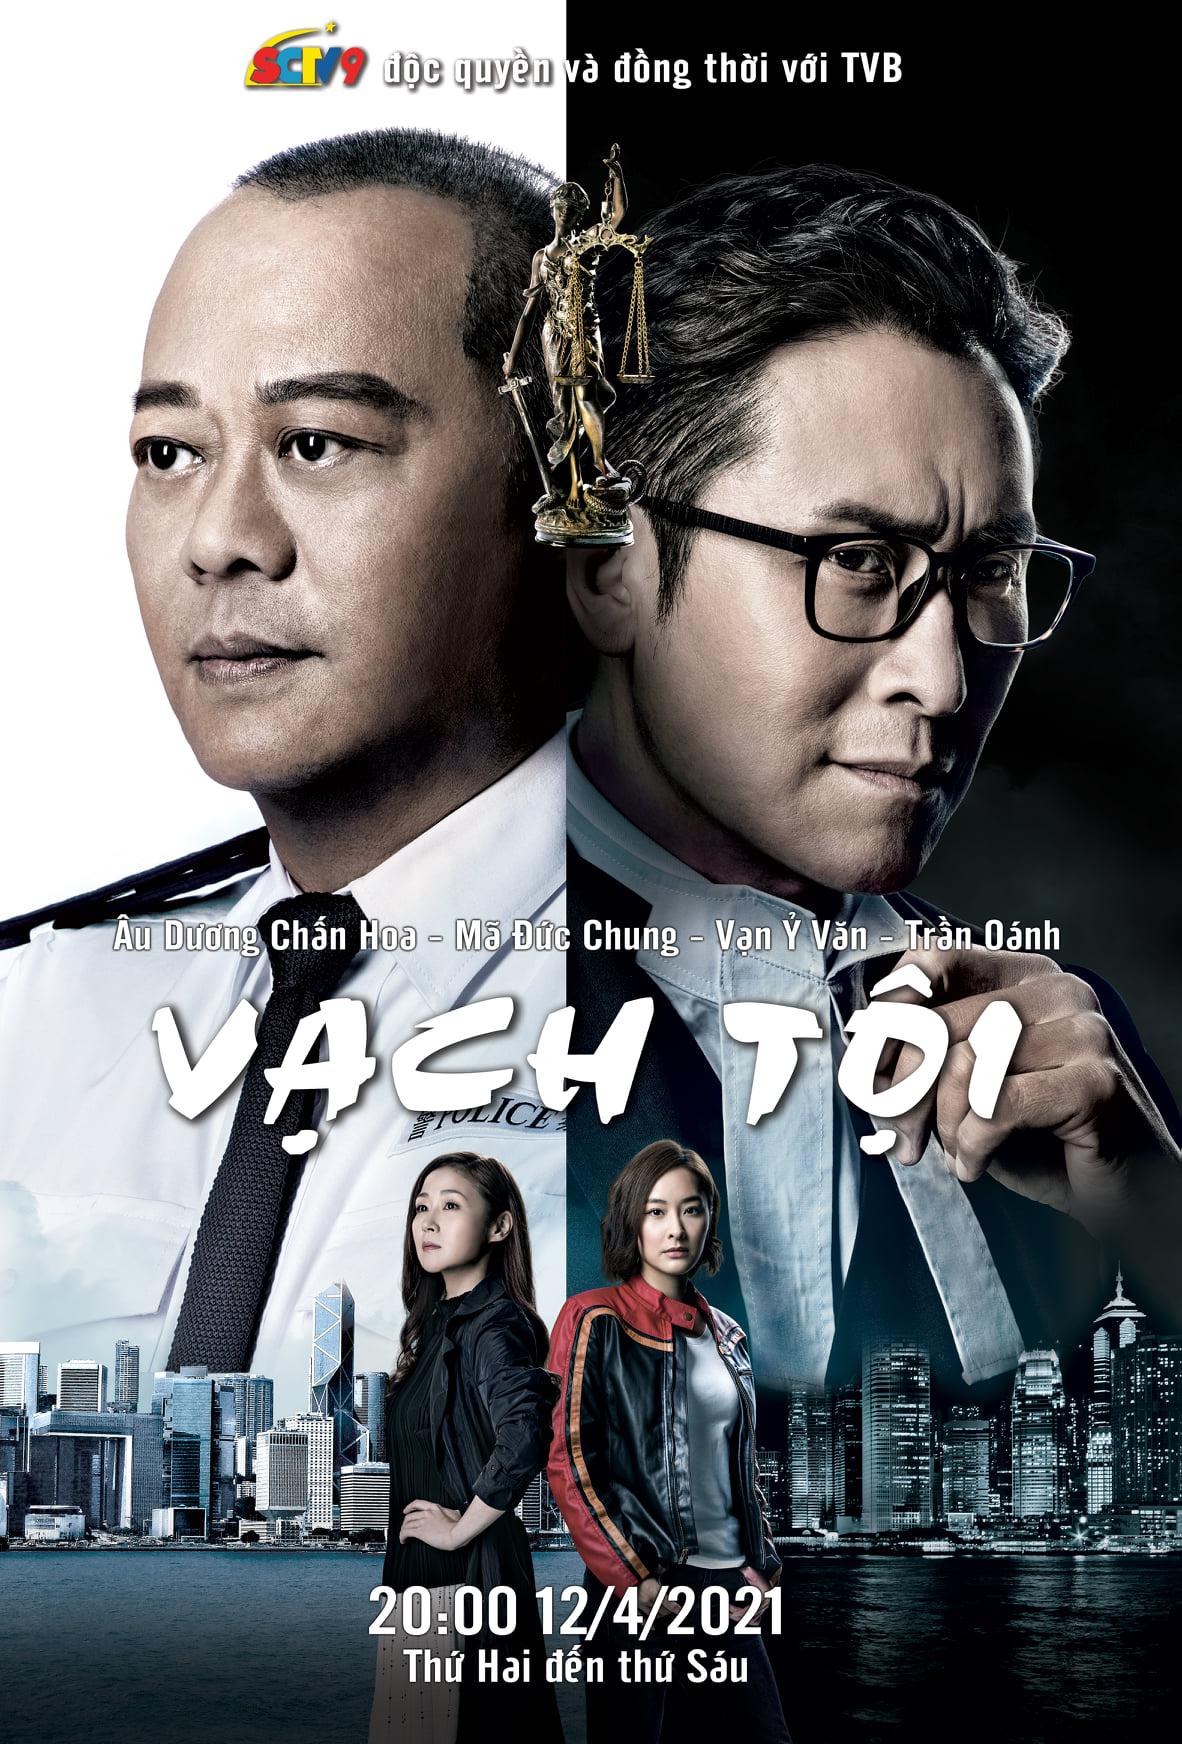 Vạch Tội - SCTV9 (2021)